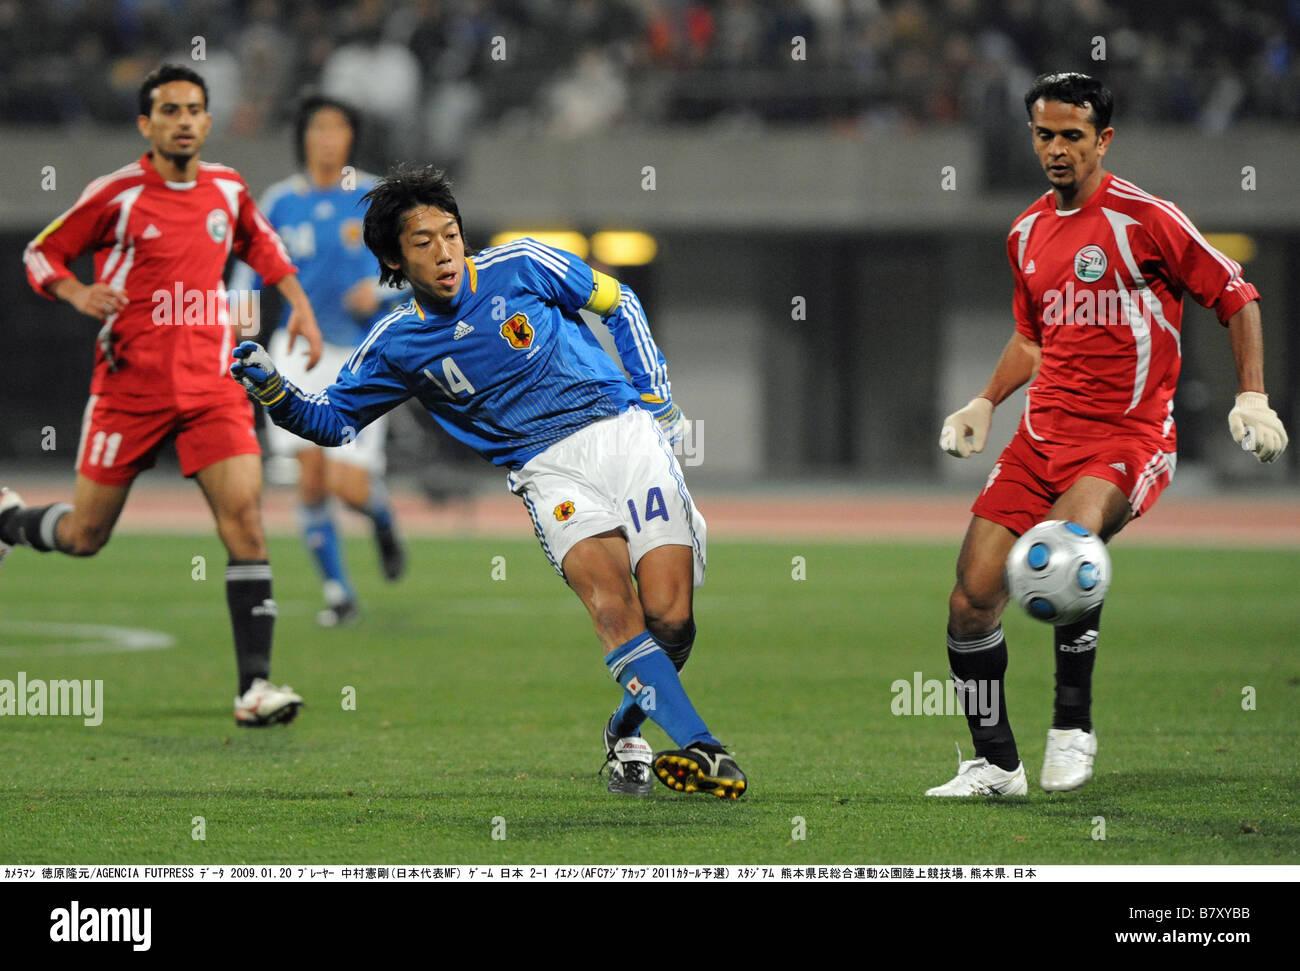 Kengo Nakamura JPN EL 20 DE ENERO DE 2009 Fútbol durante la Copa Asiática  de la 64e92f4b18b56